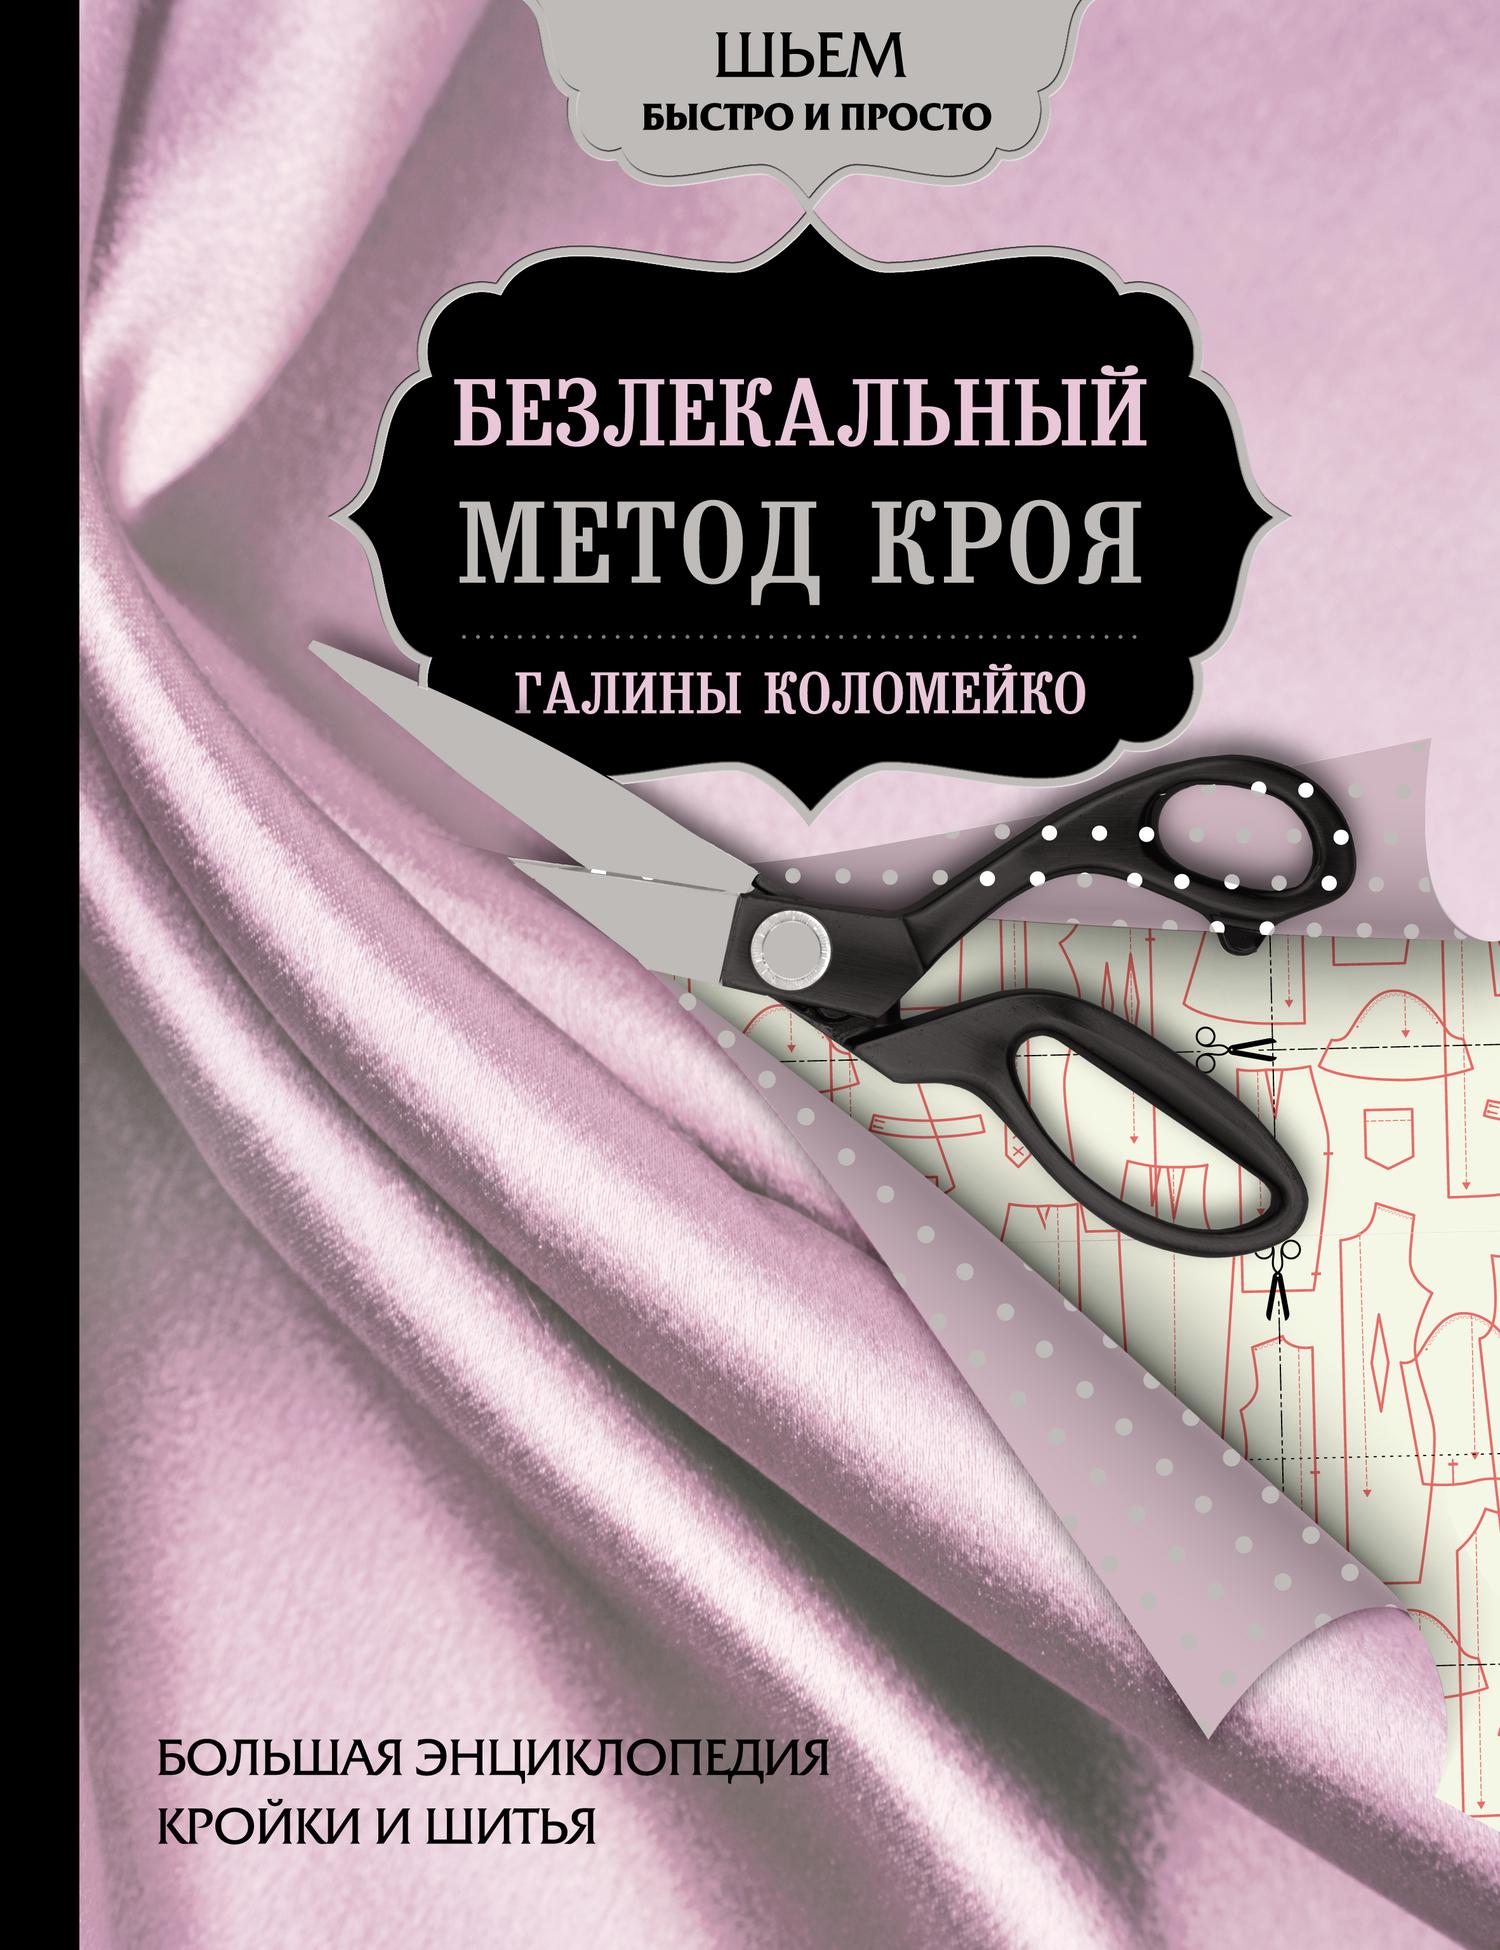 Галина Коломейко бесплатно